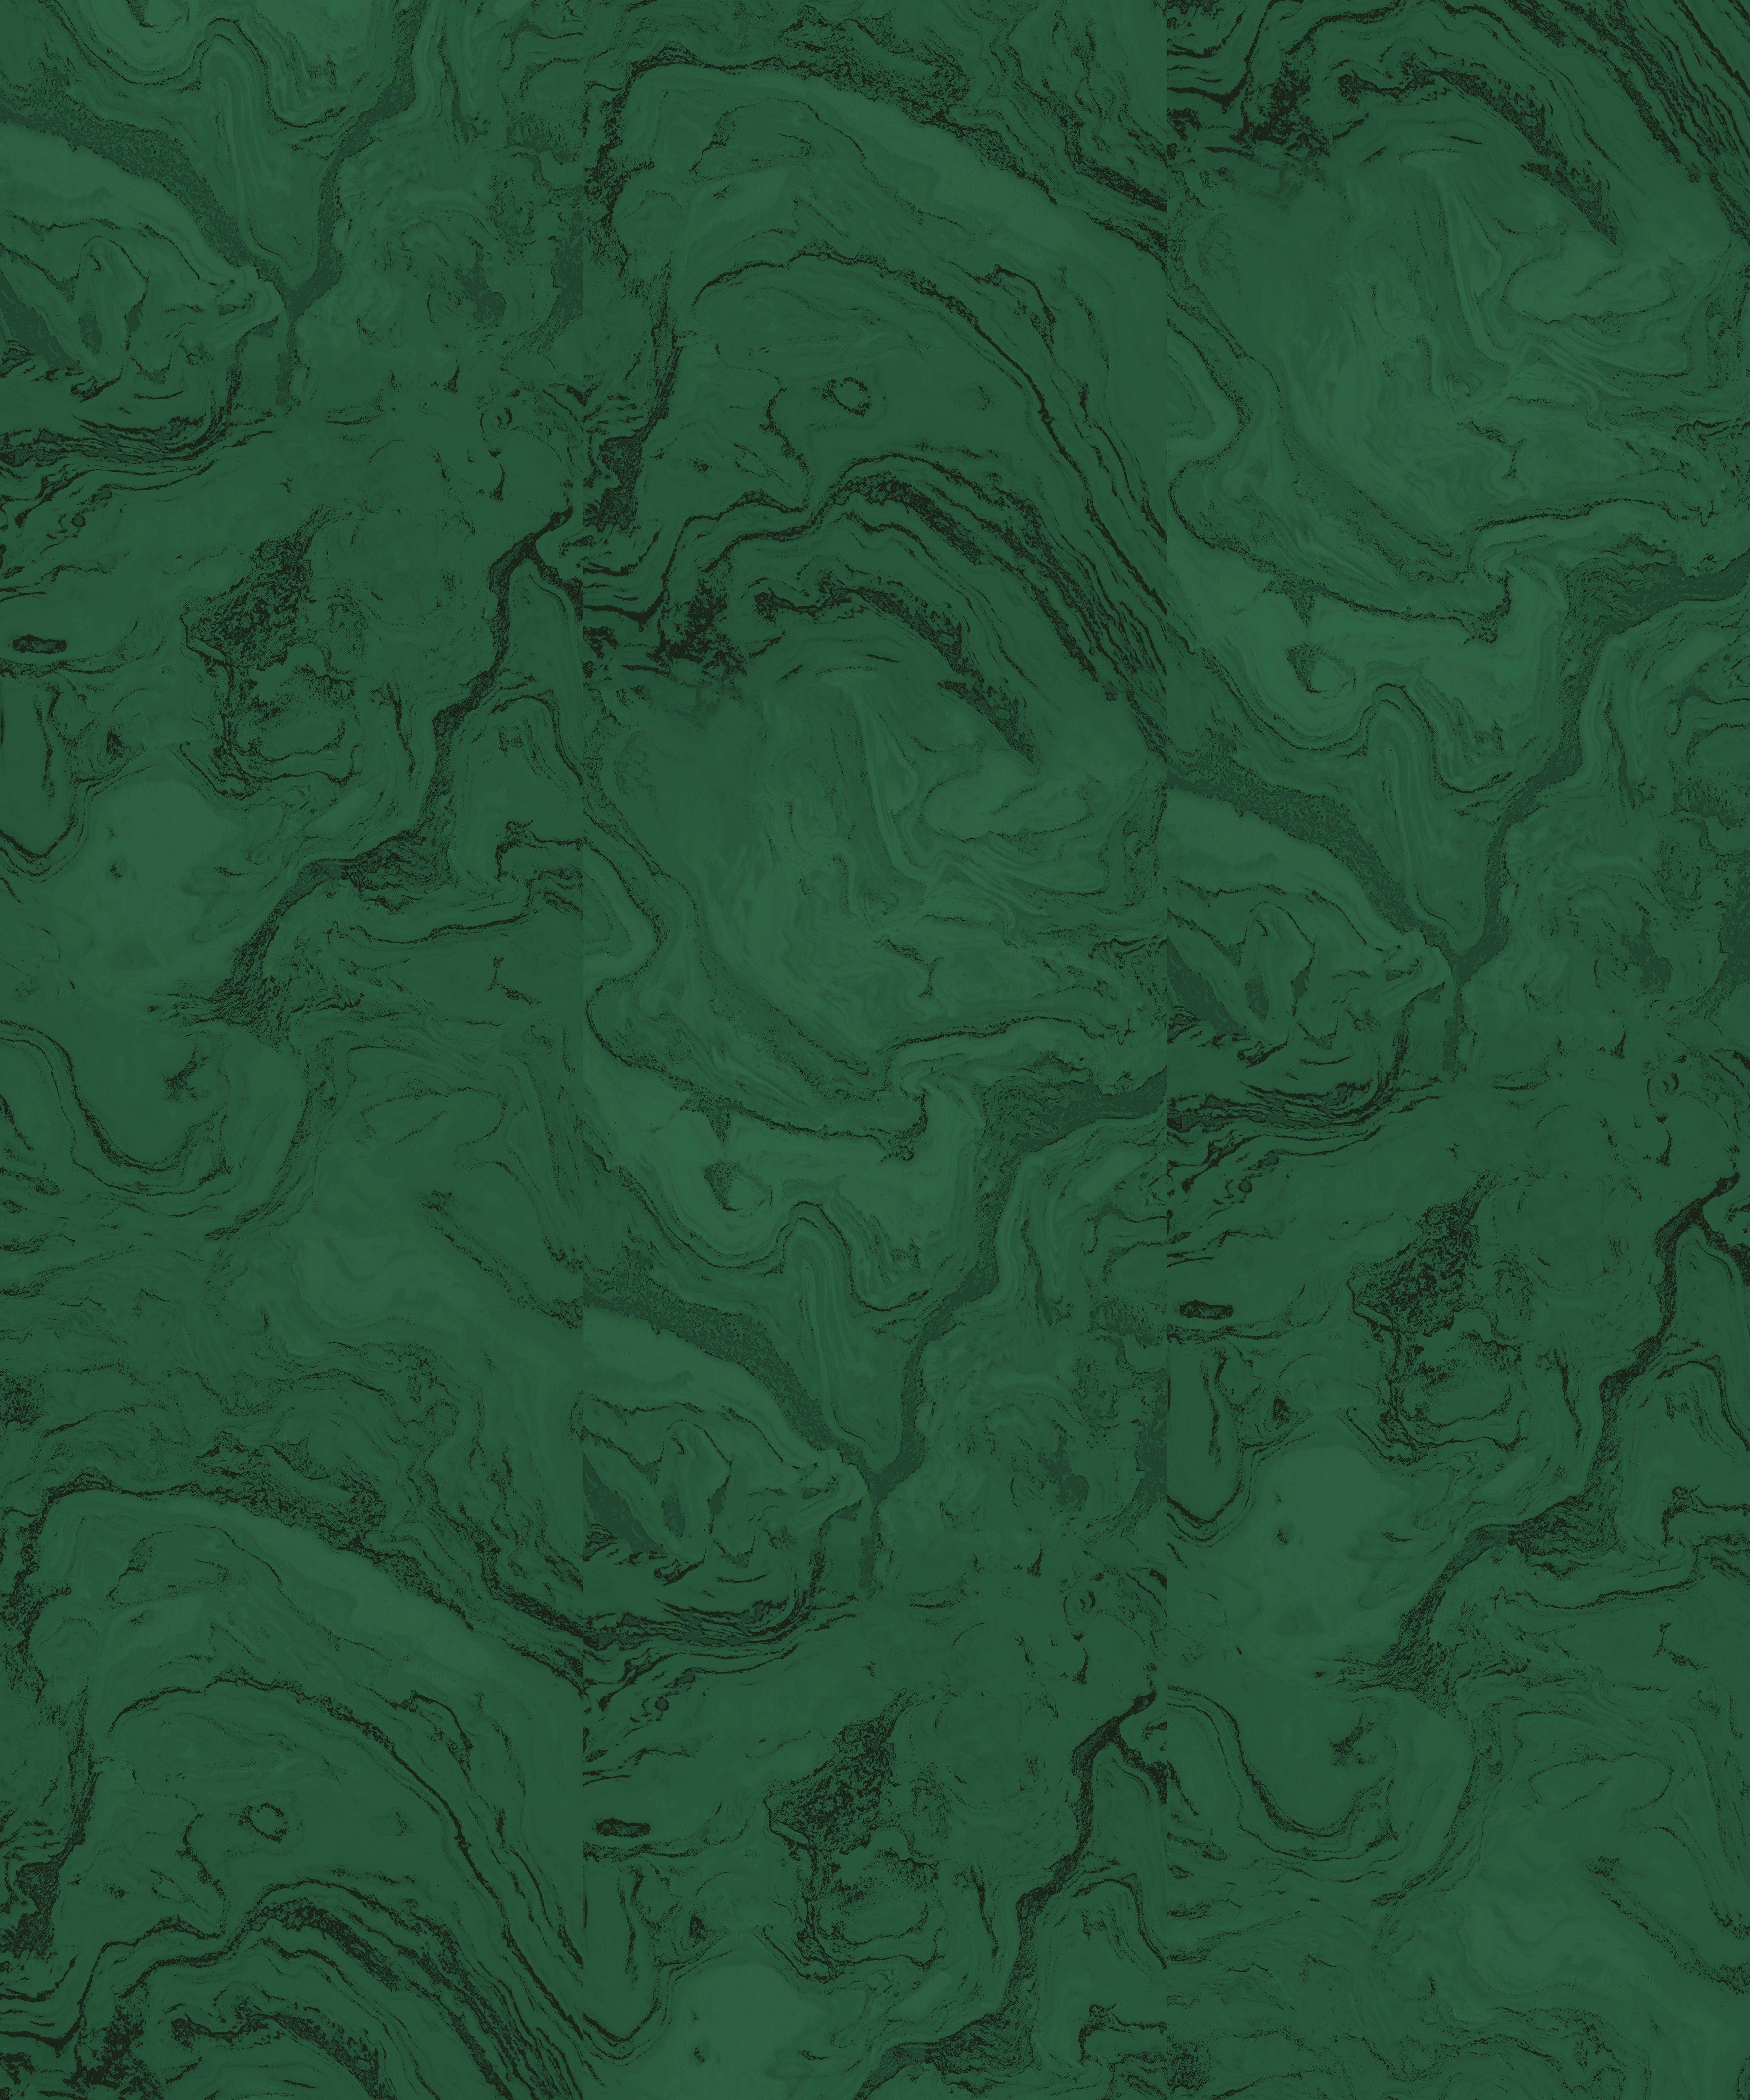 Green Marble Wallpaper Mural by Sarah Sherman Samuel